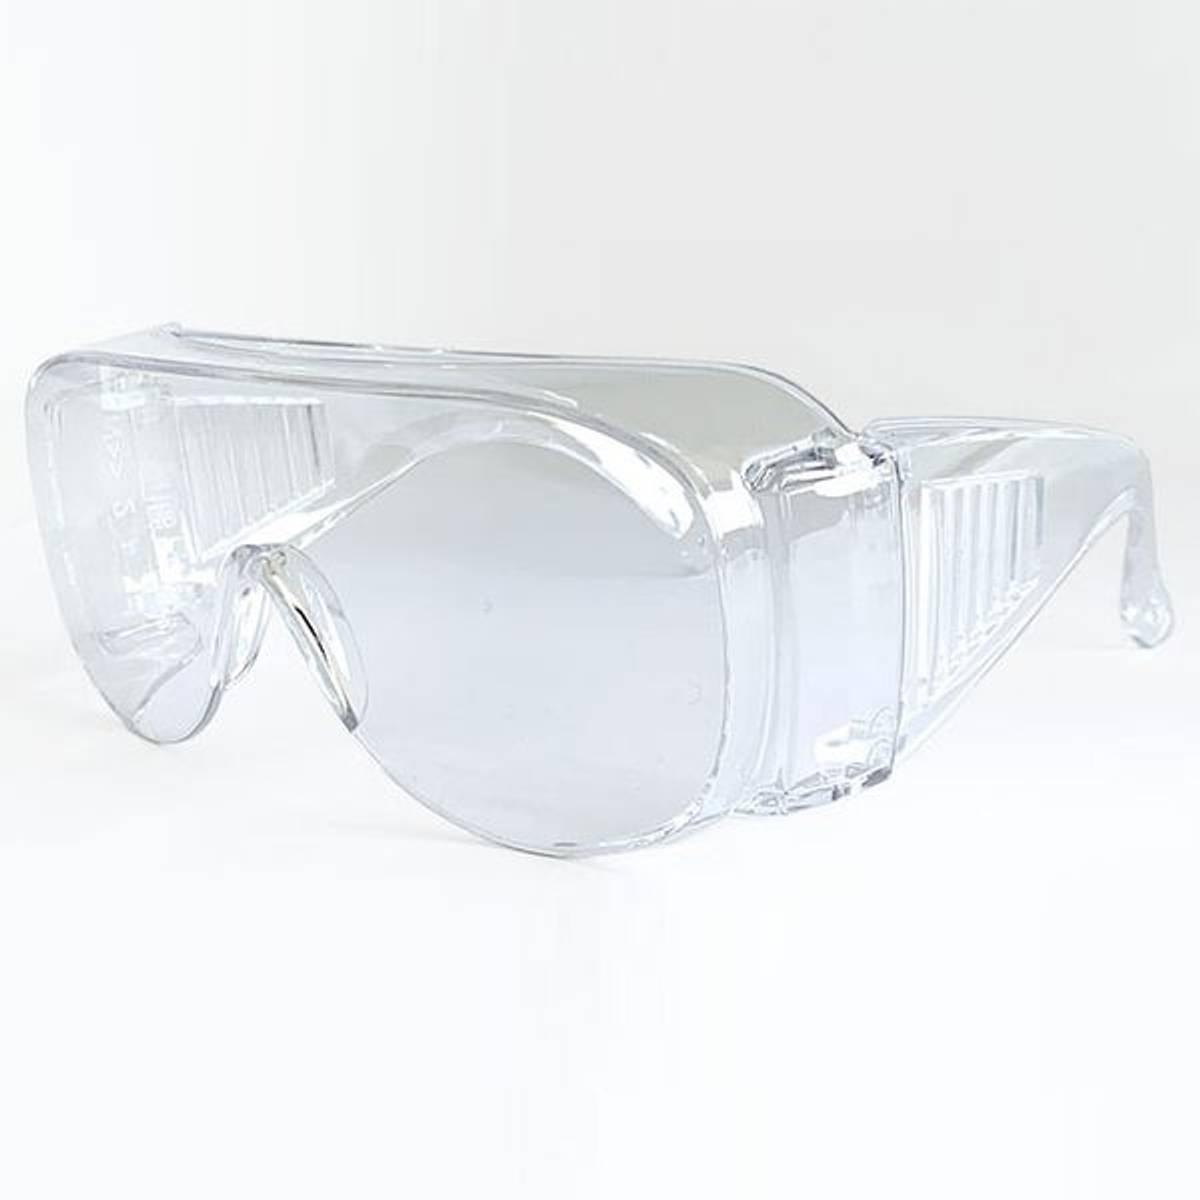 Beskyttelsesbriller VISOR DPI